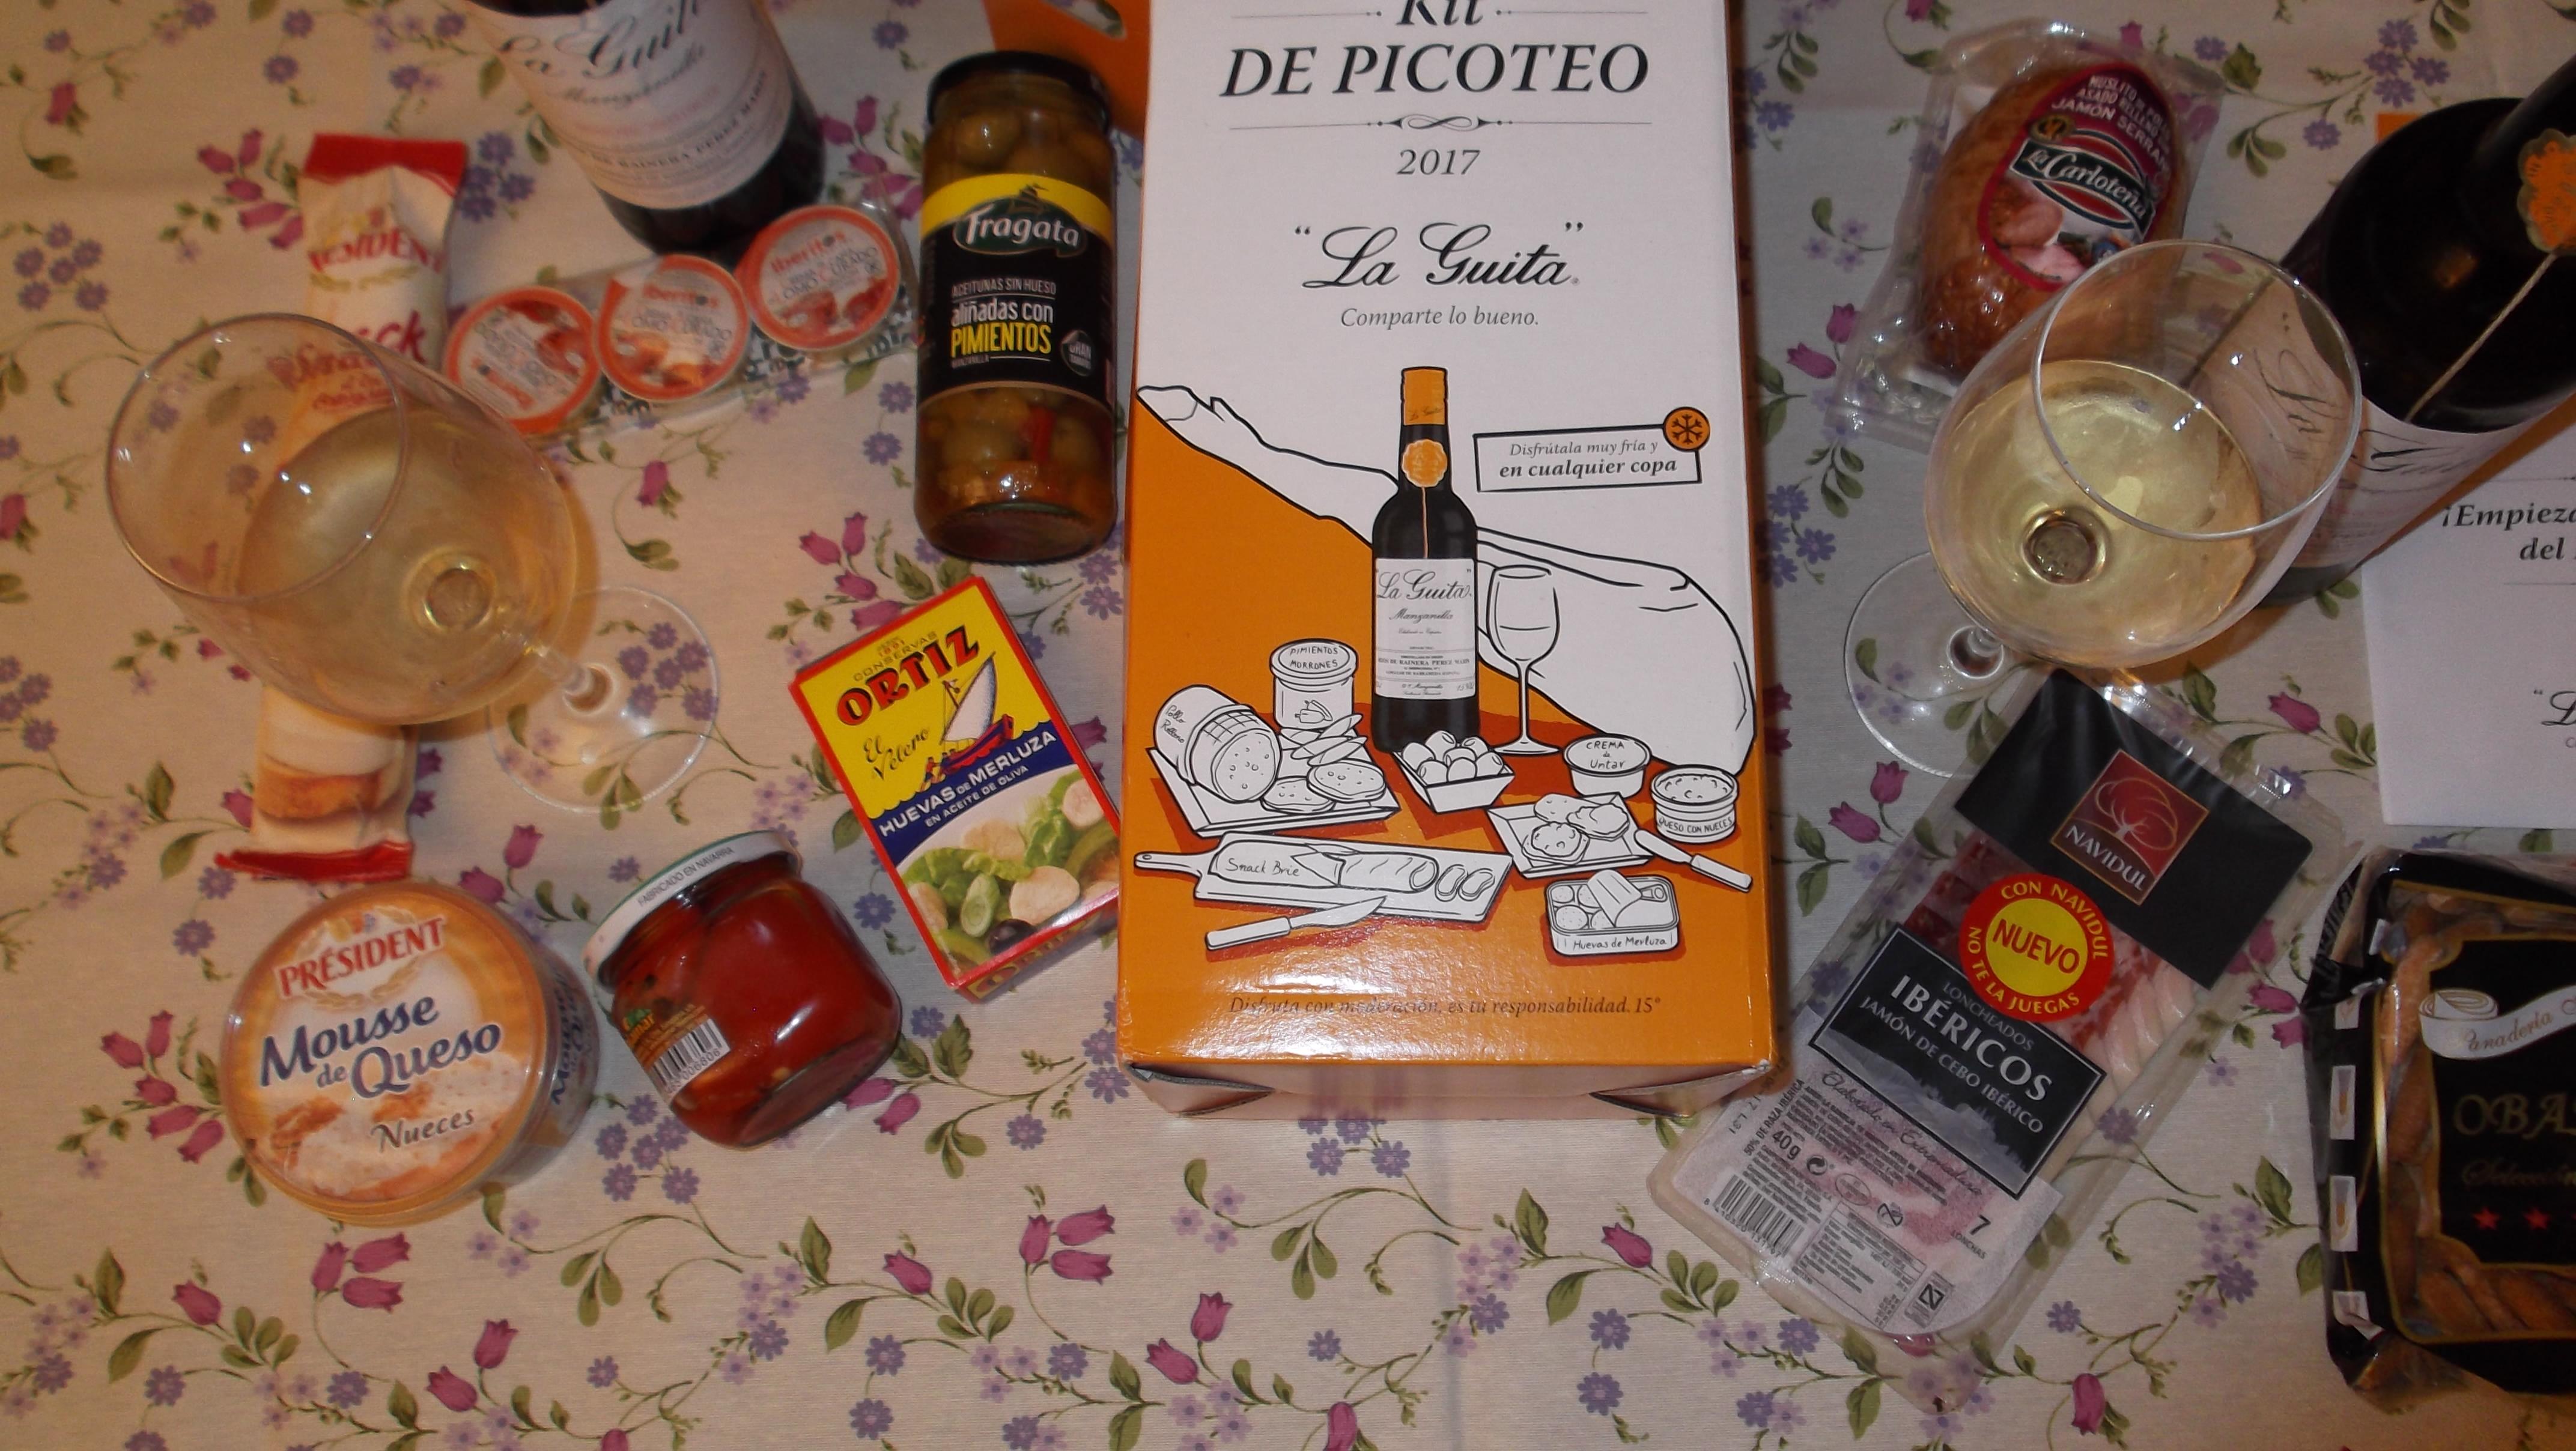 Kit_picoteo_2017